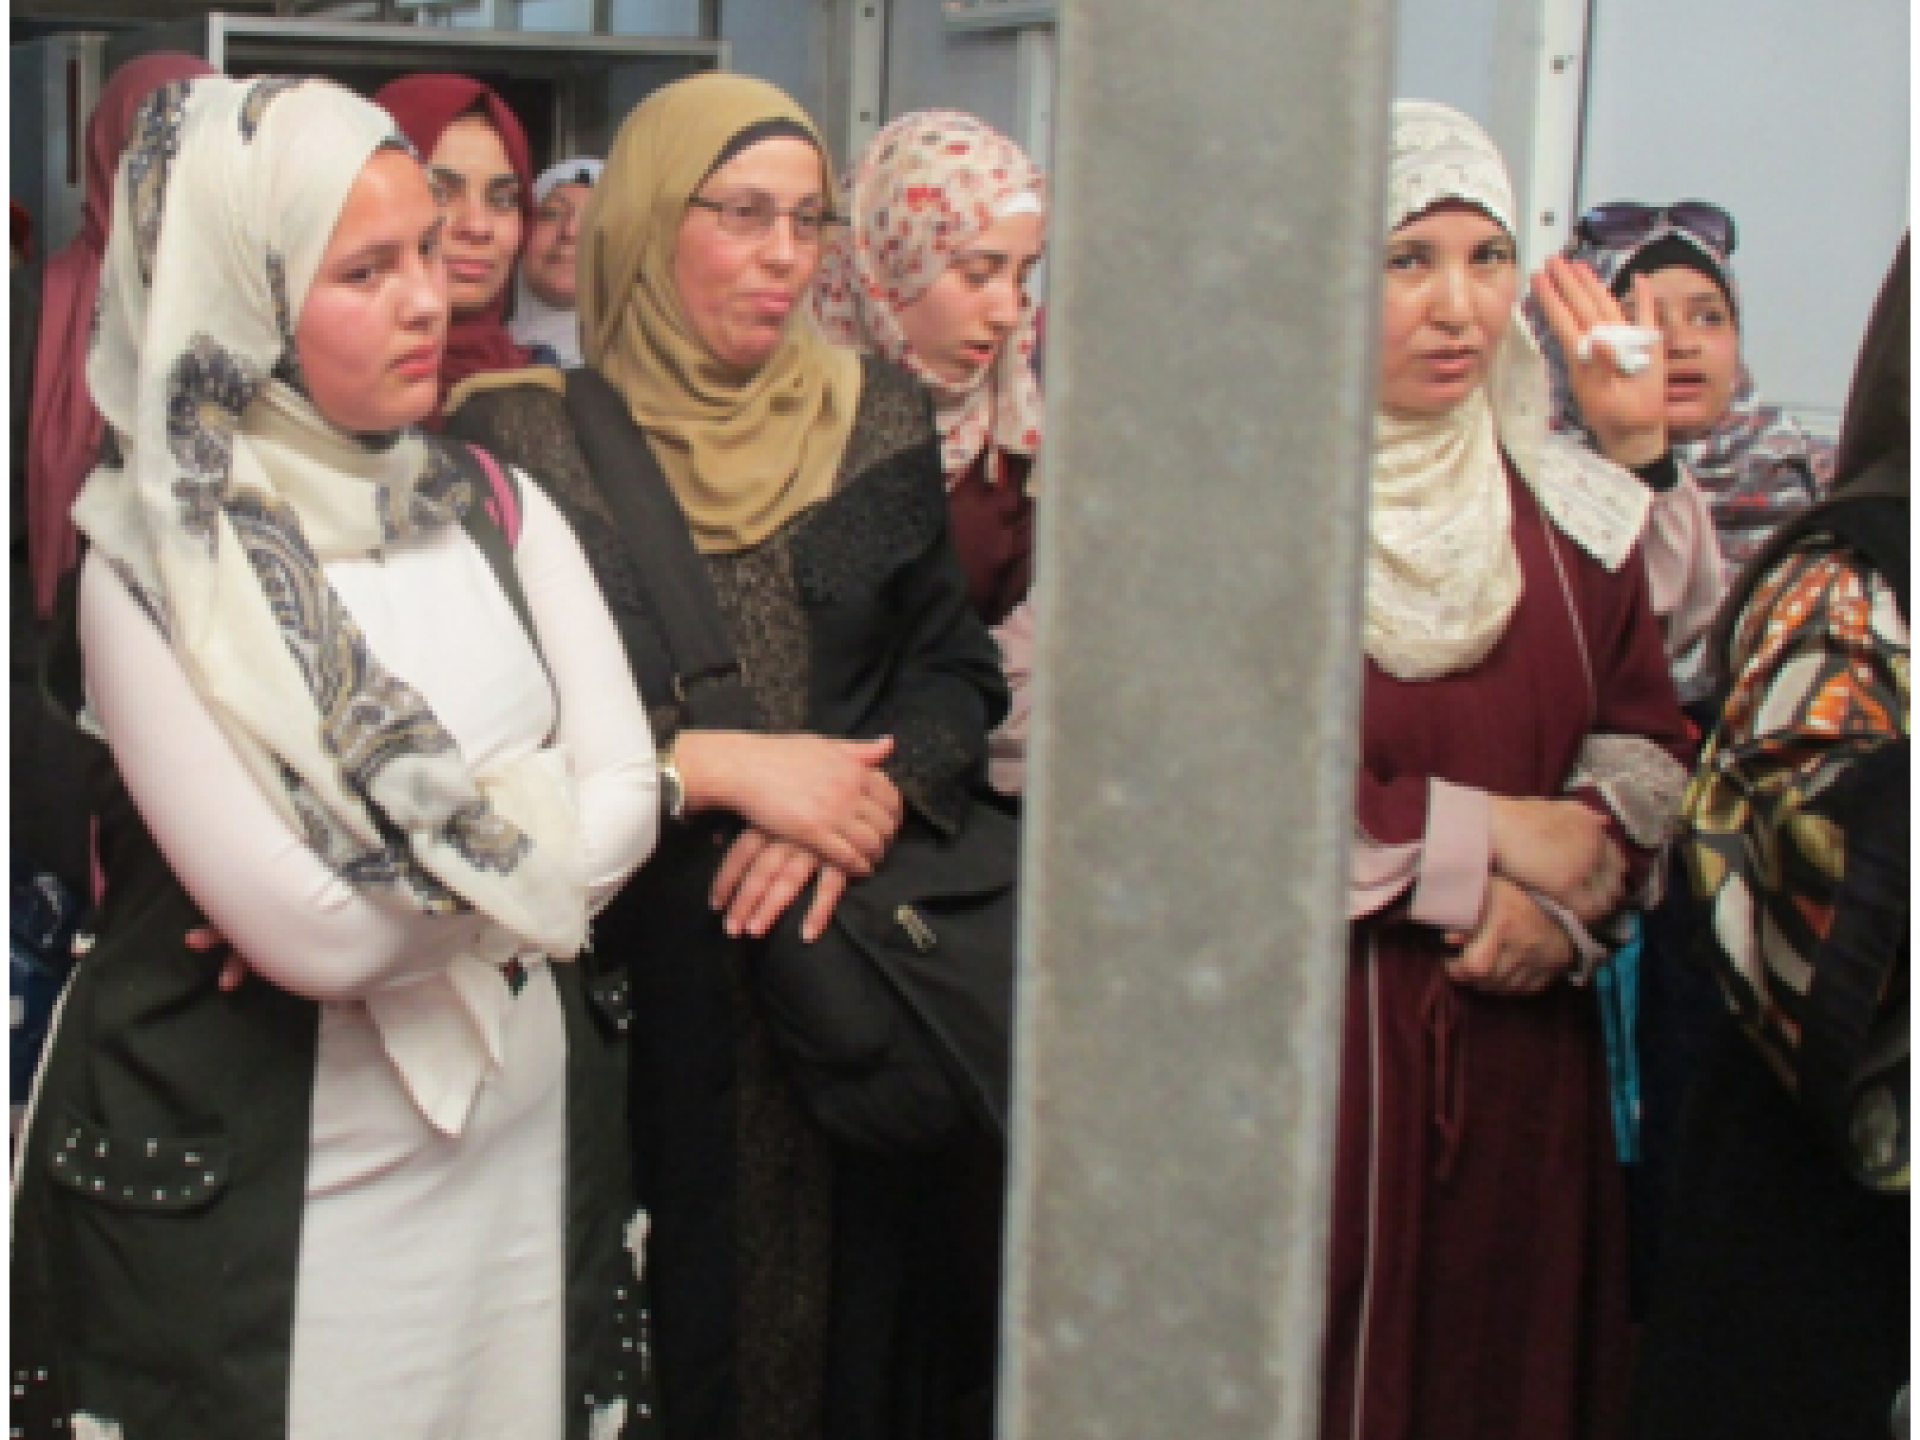 קבוצת נשים שצלחו את פגעי האדם והאקלים מצאו עצמן כלואות